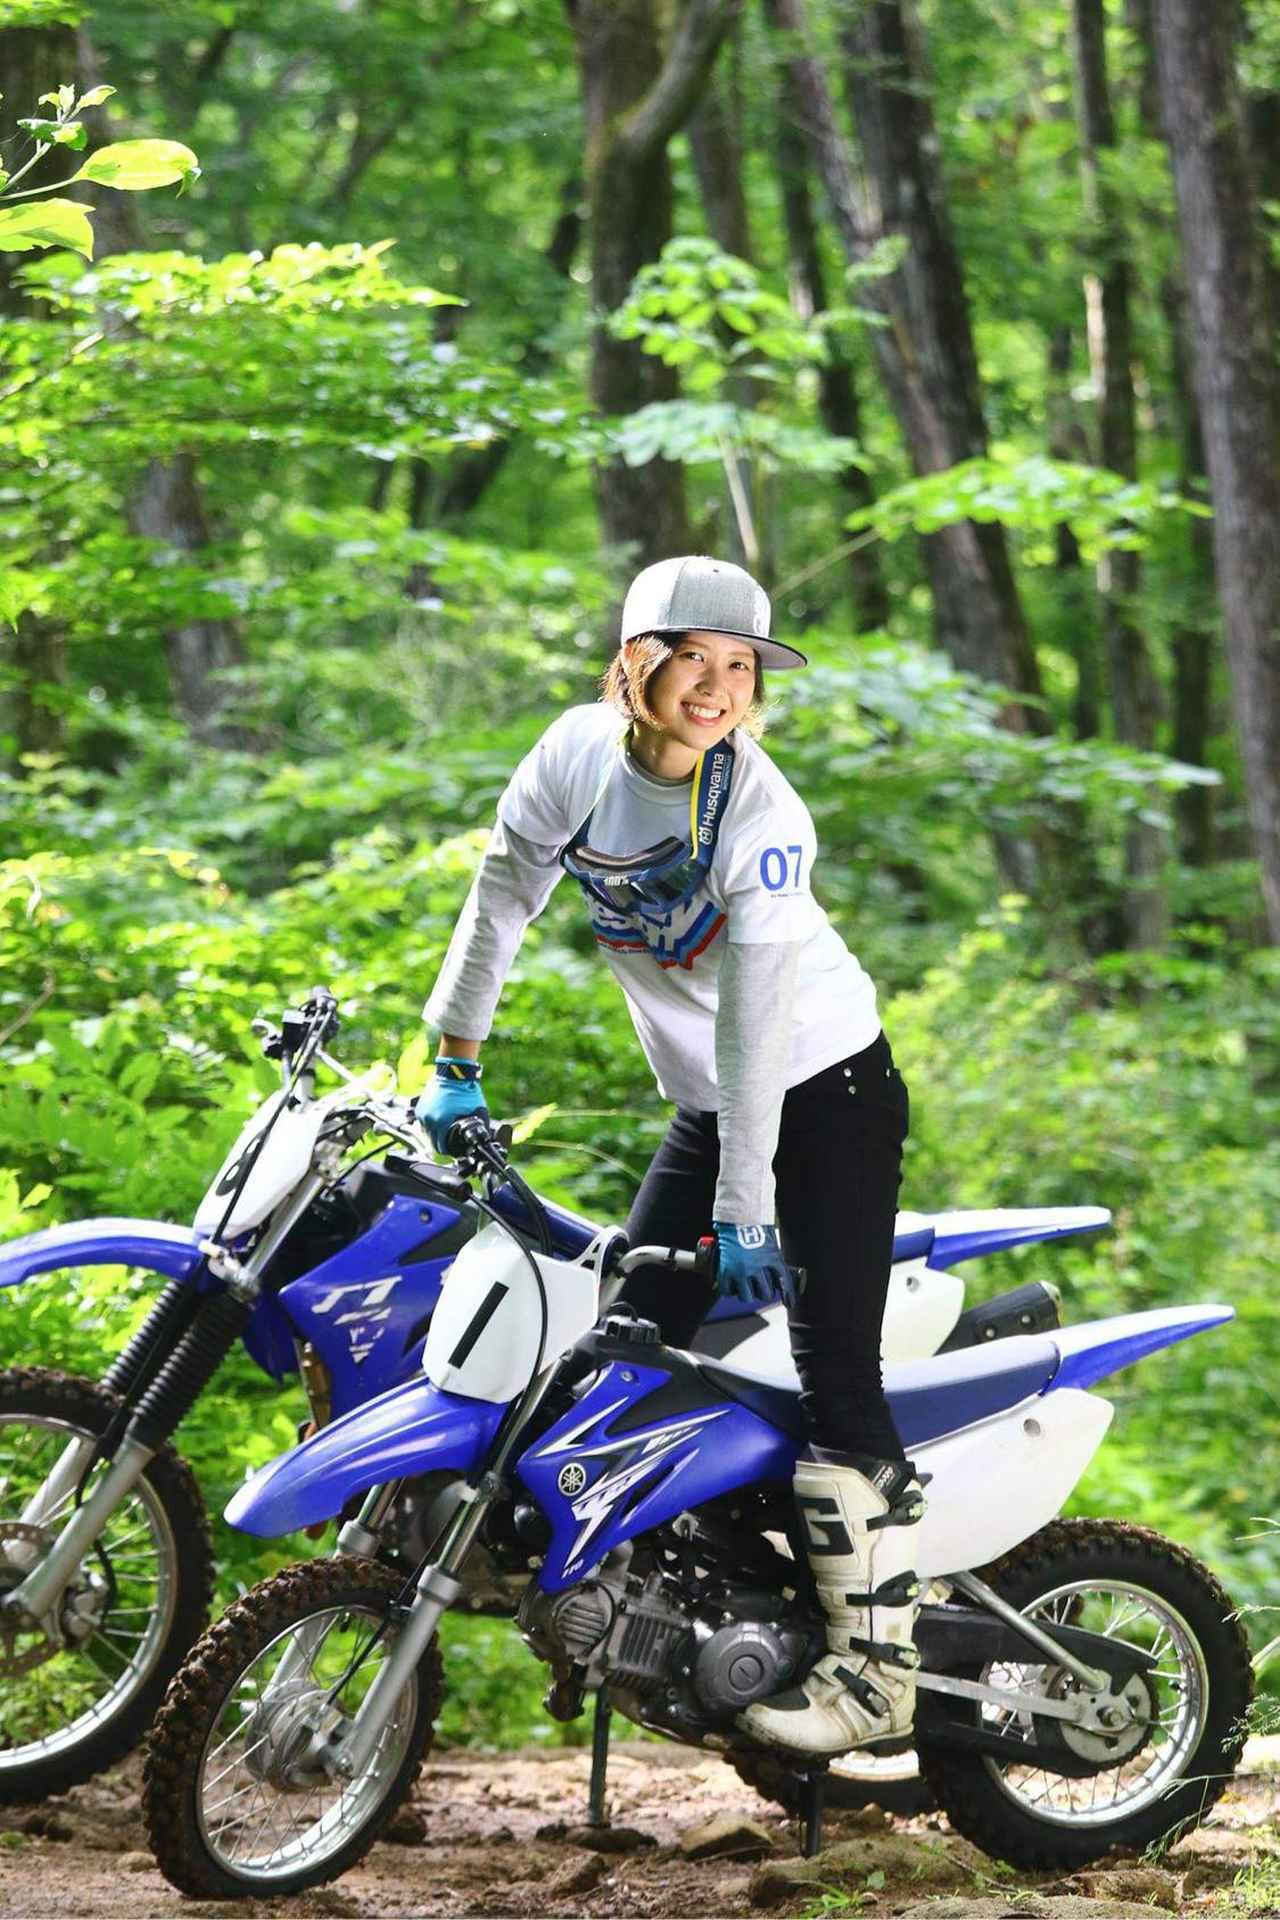 画像7: オフロードバイクを使ったレジャーイベント、SUGO学園で楽しくバイク体験